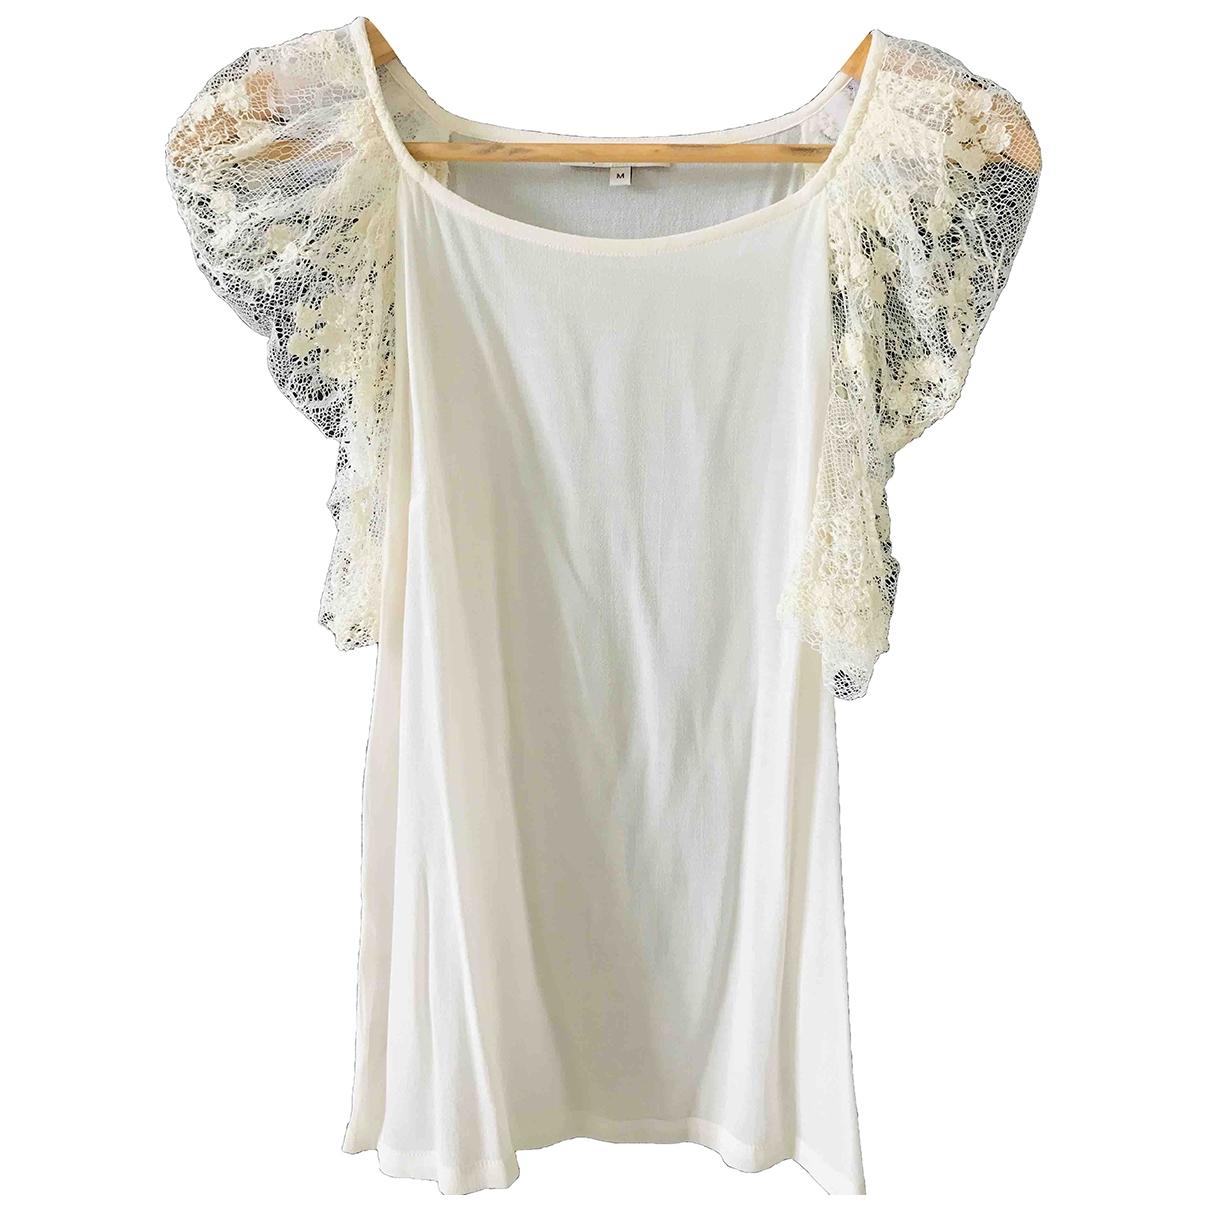 Maje \N Beige Lace  top for Women 38 FR